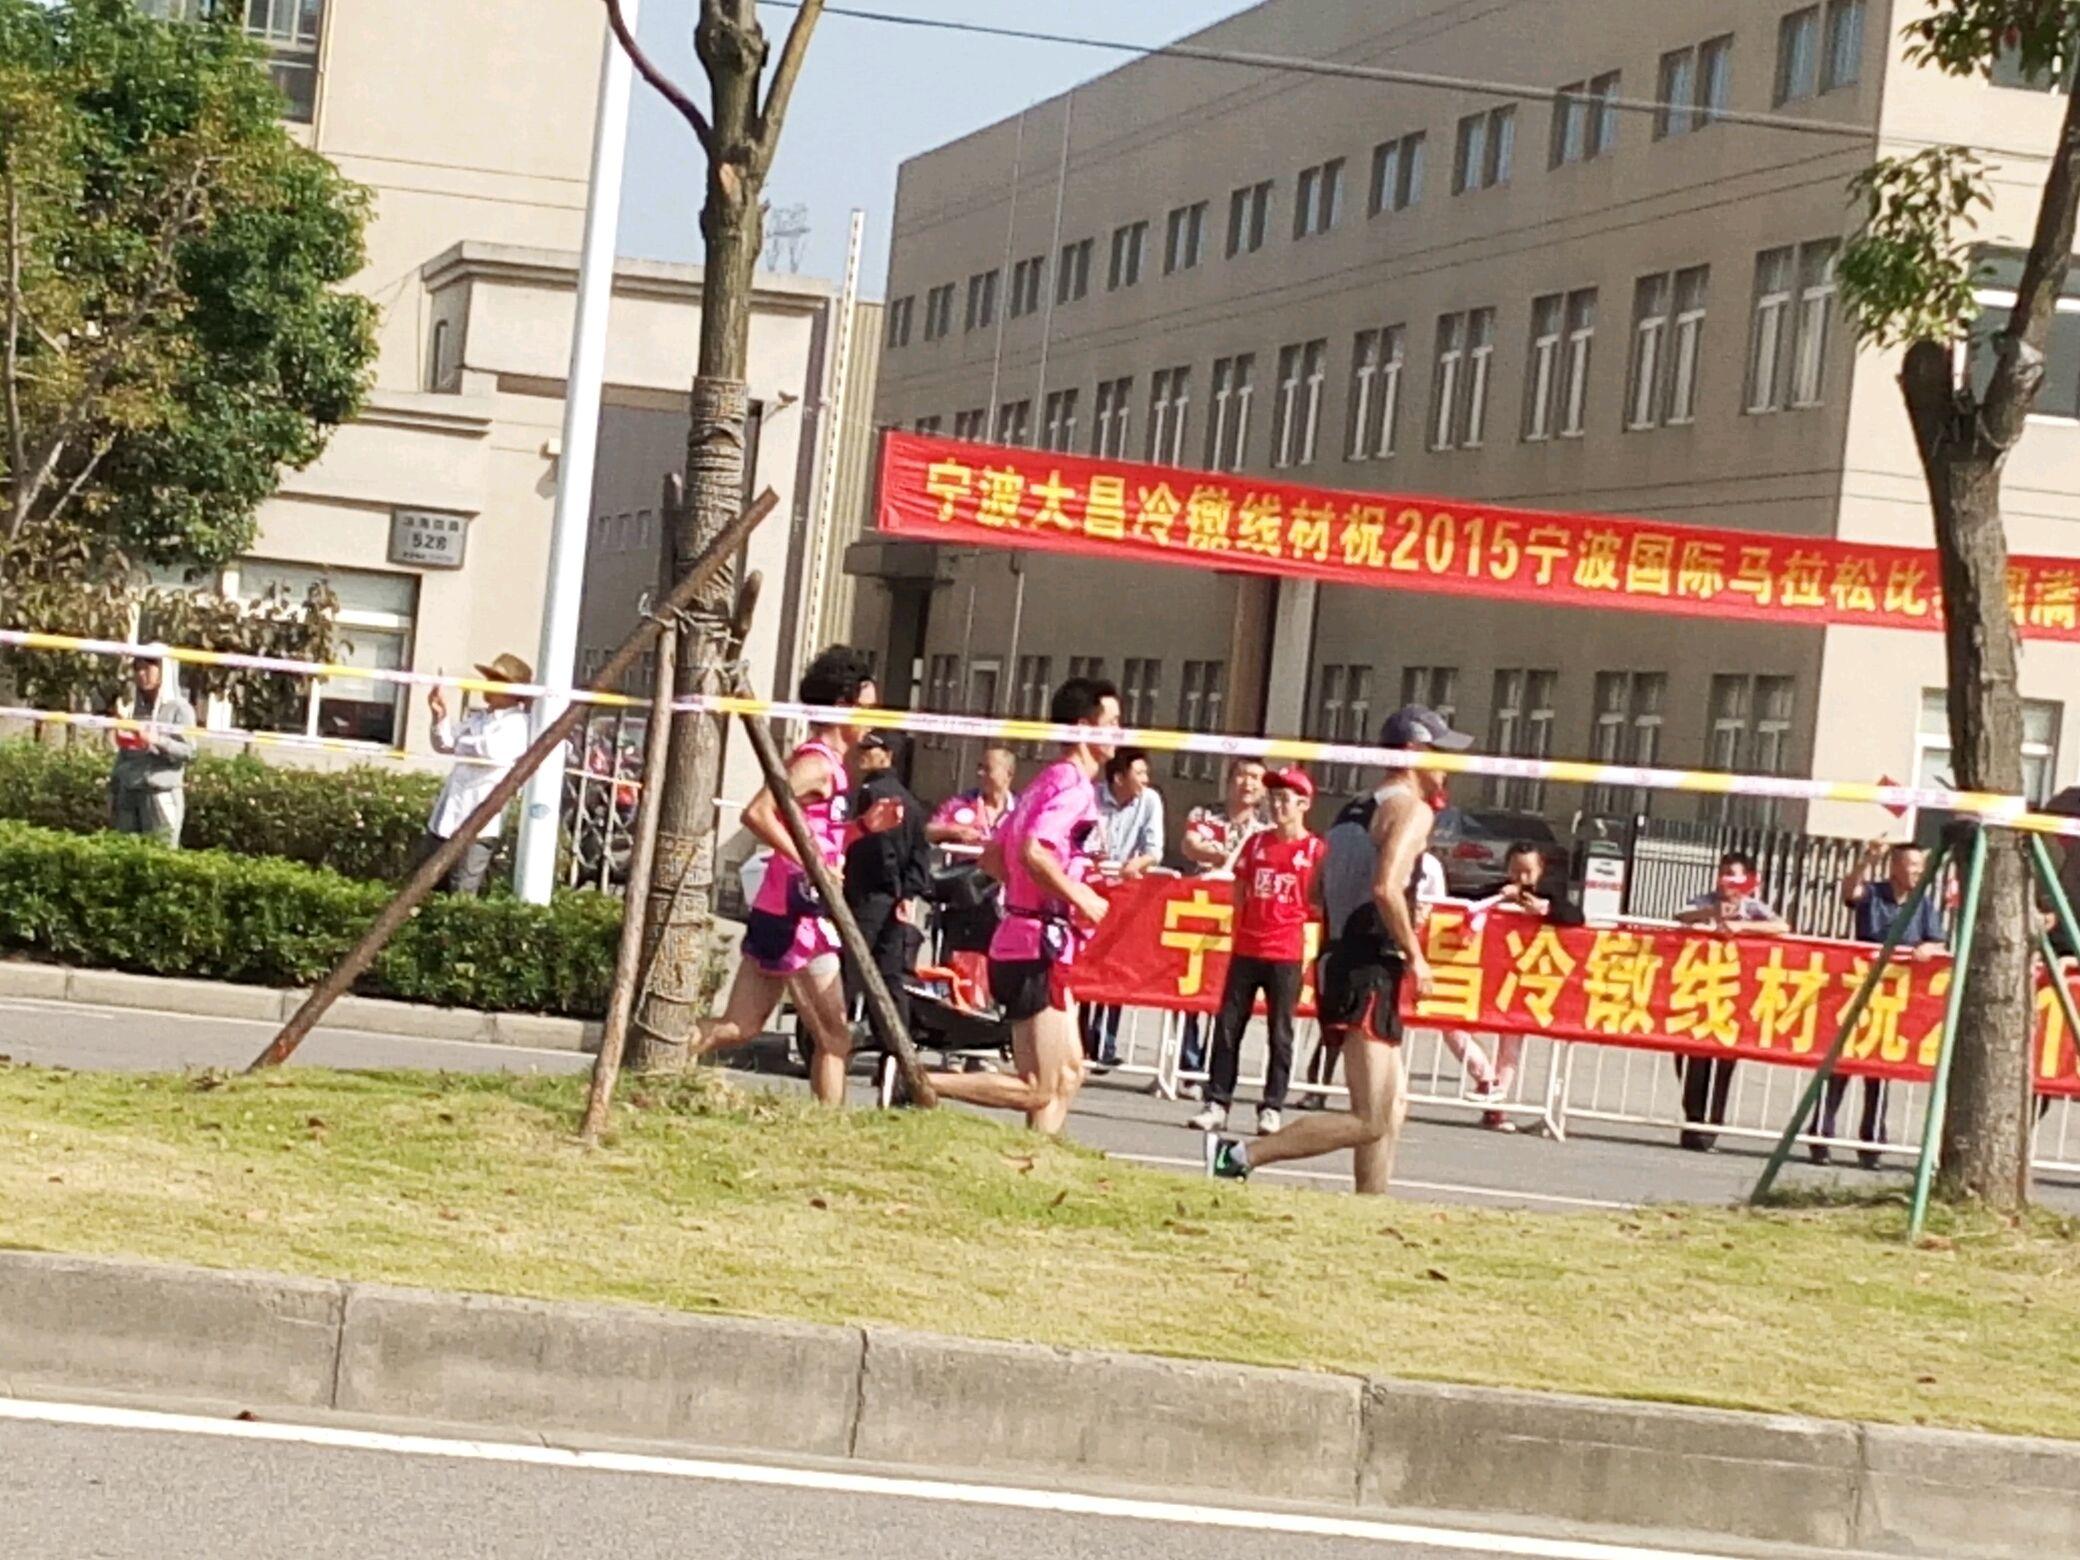 宁波2015马拉松国际比赛